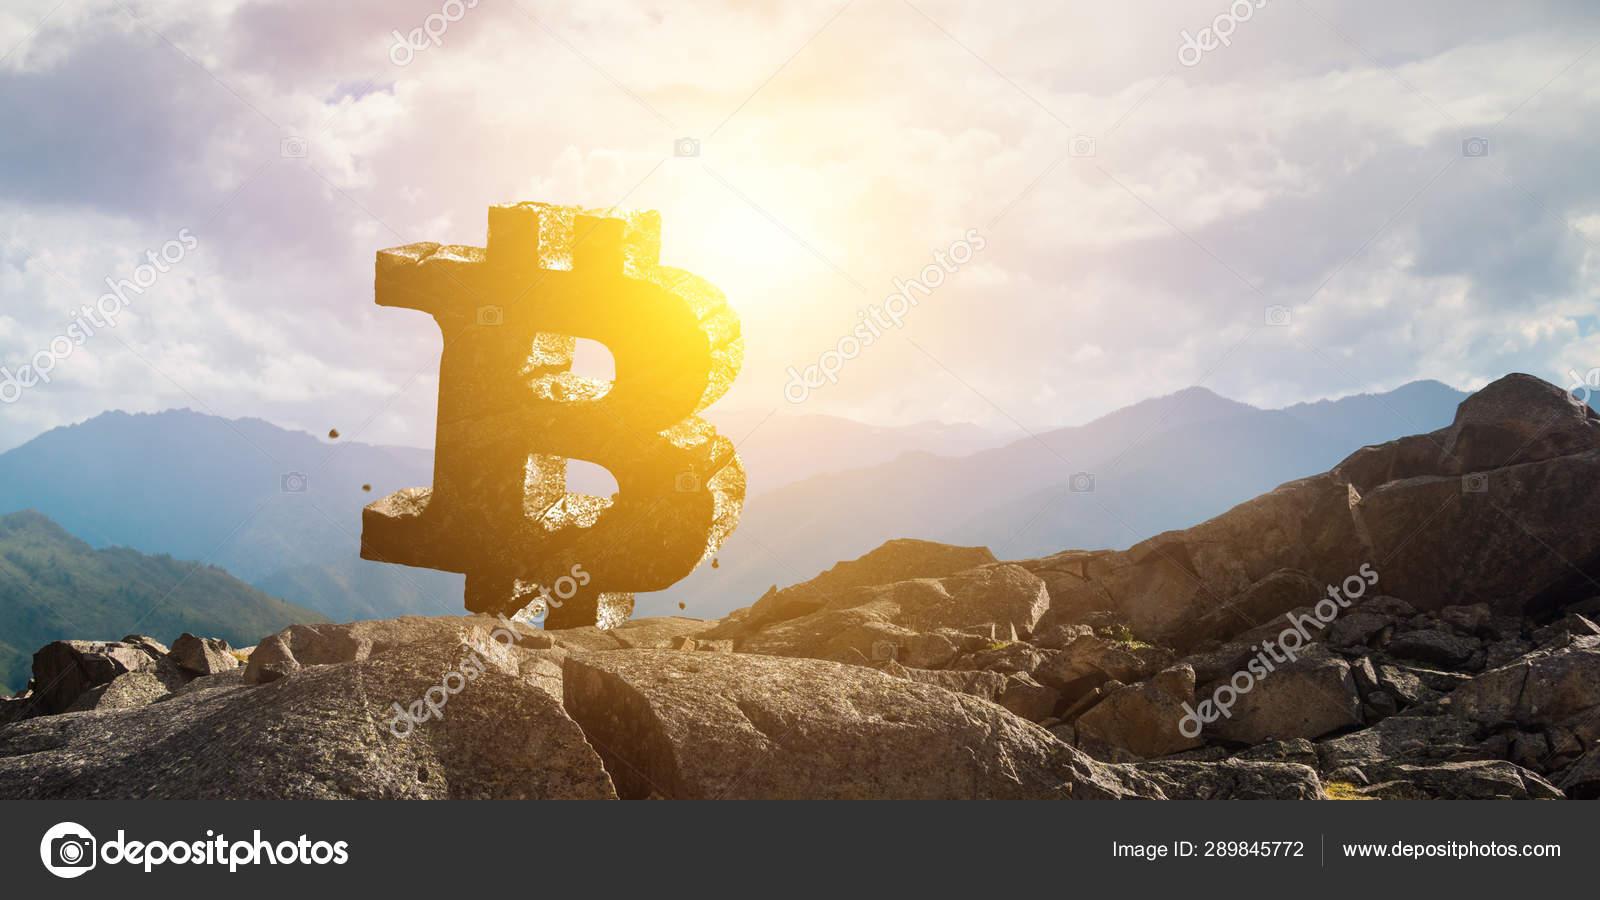 Bitcoin ATM vicino Mountain Top ~ Bitcoin Accettato Qui Mountain Top   luigirota.it